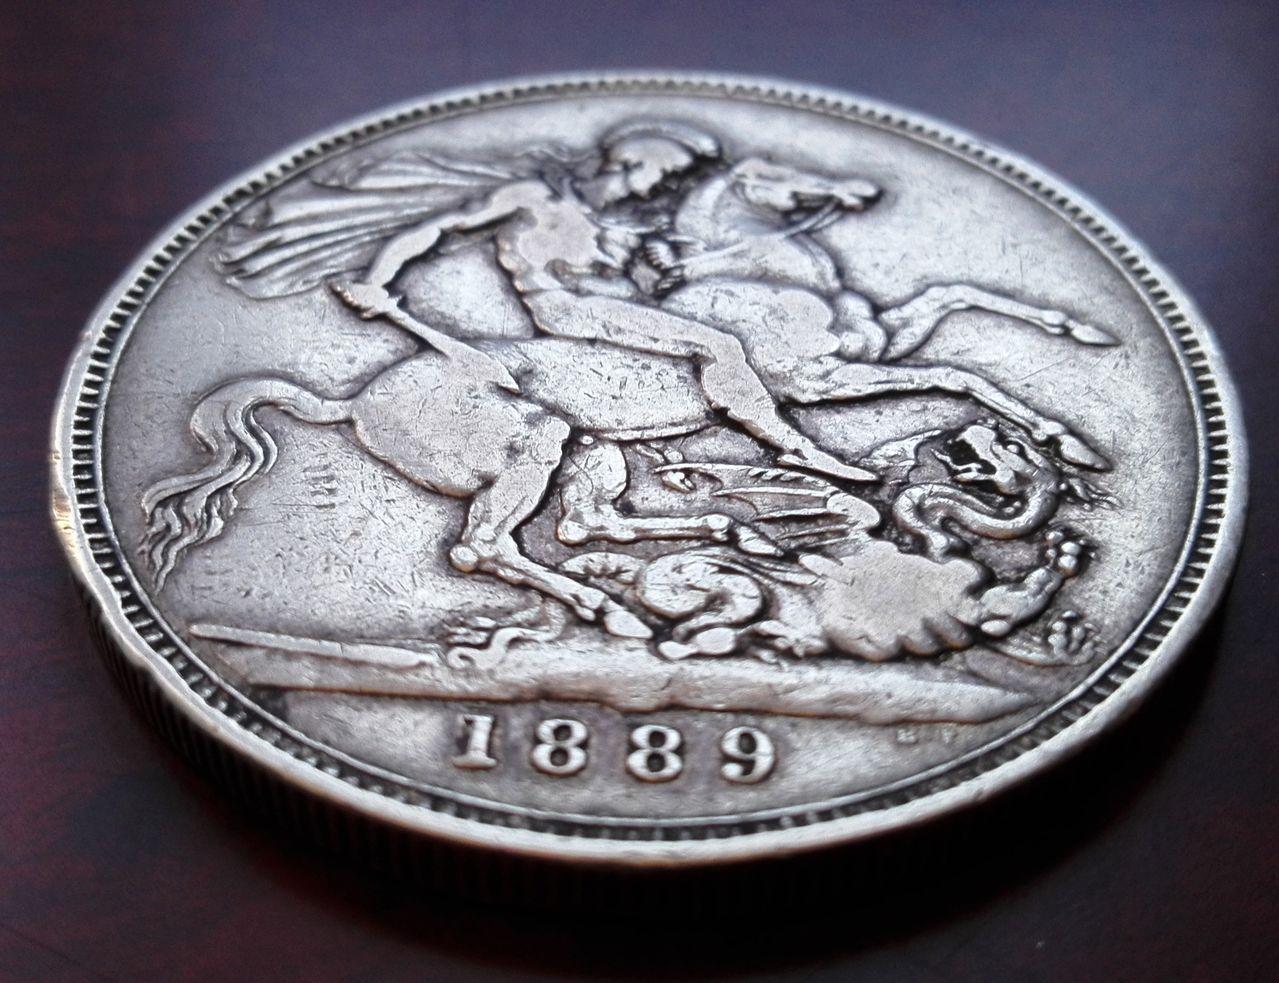 1 corona 1889, Reino Unido  1_corona_1889_4